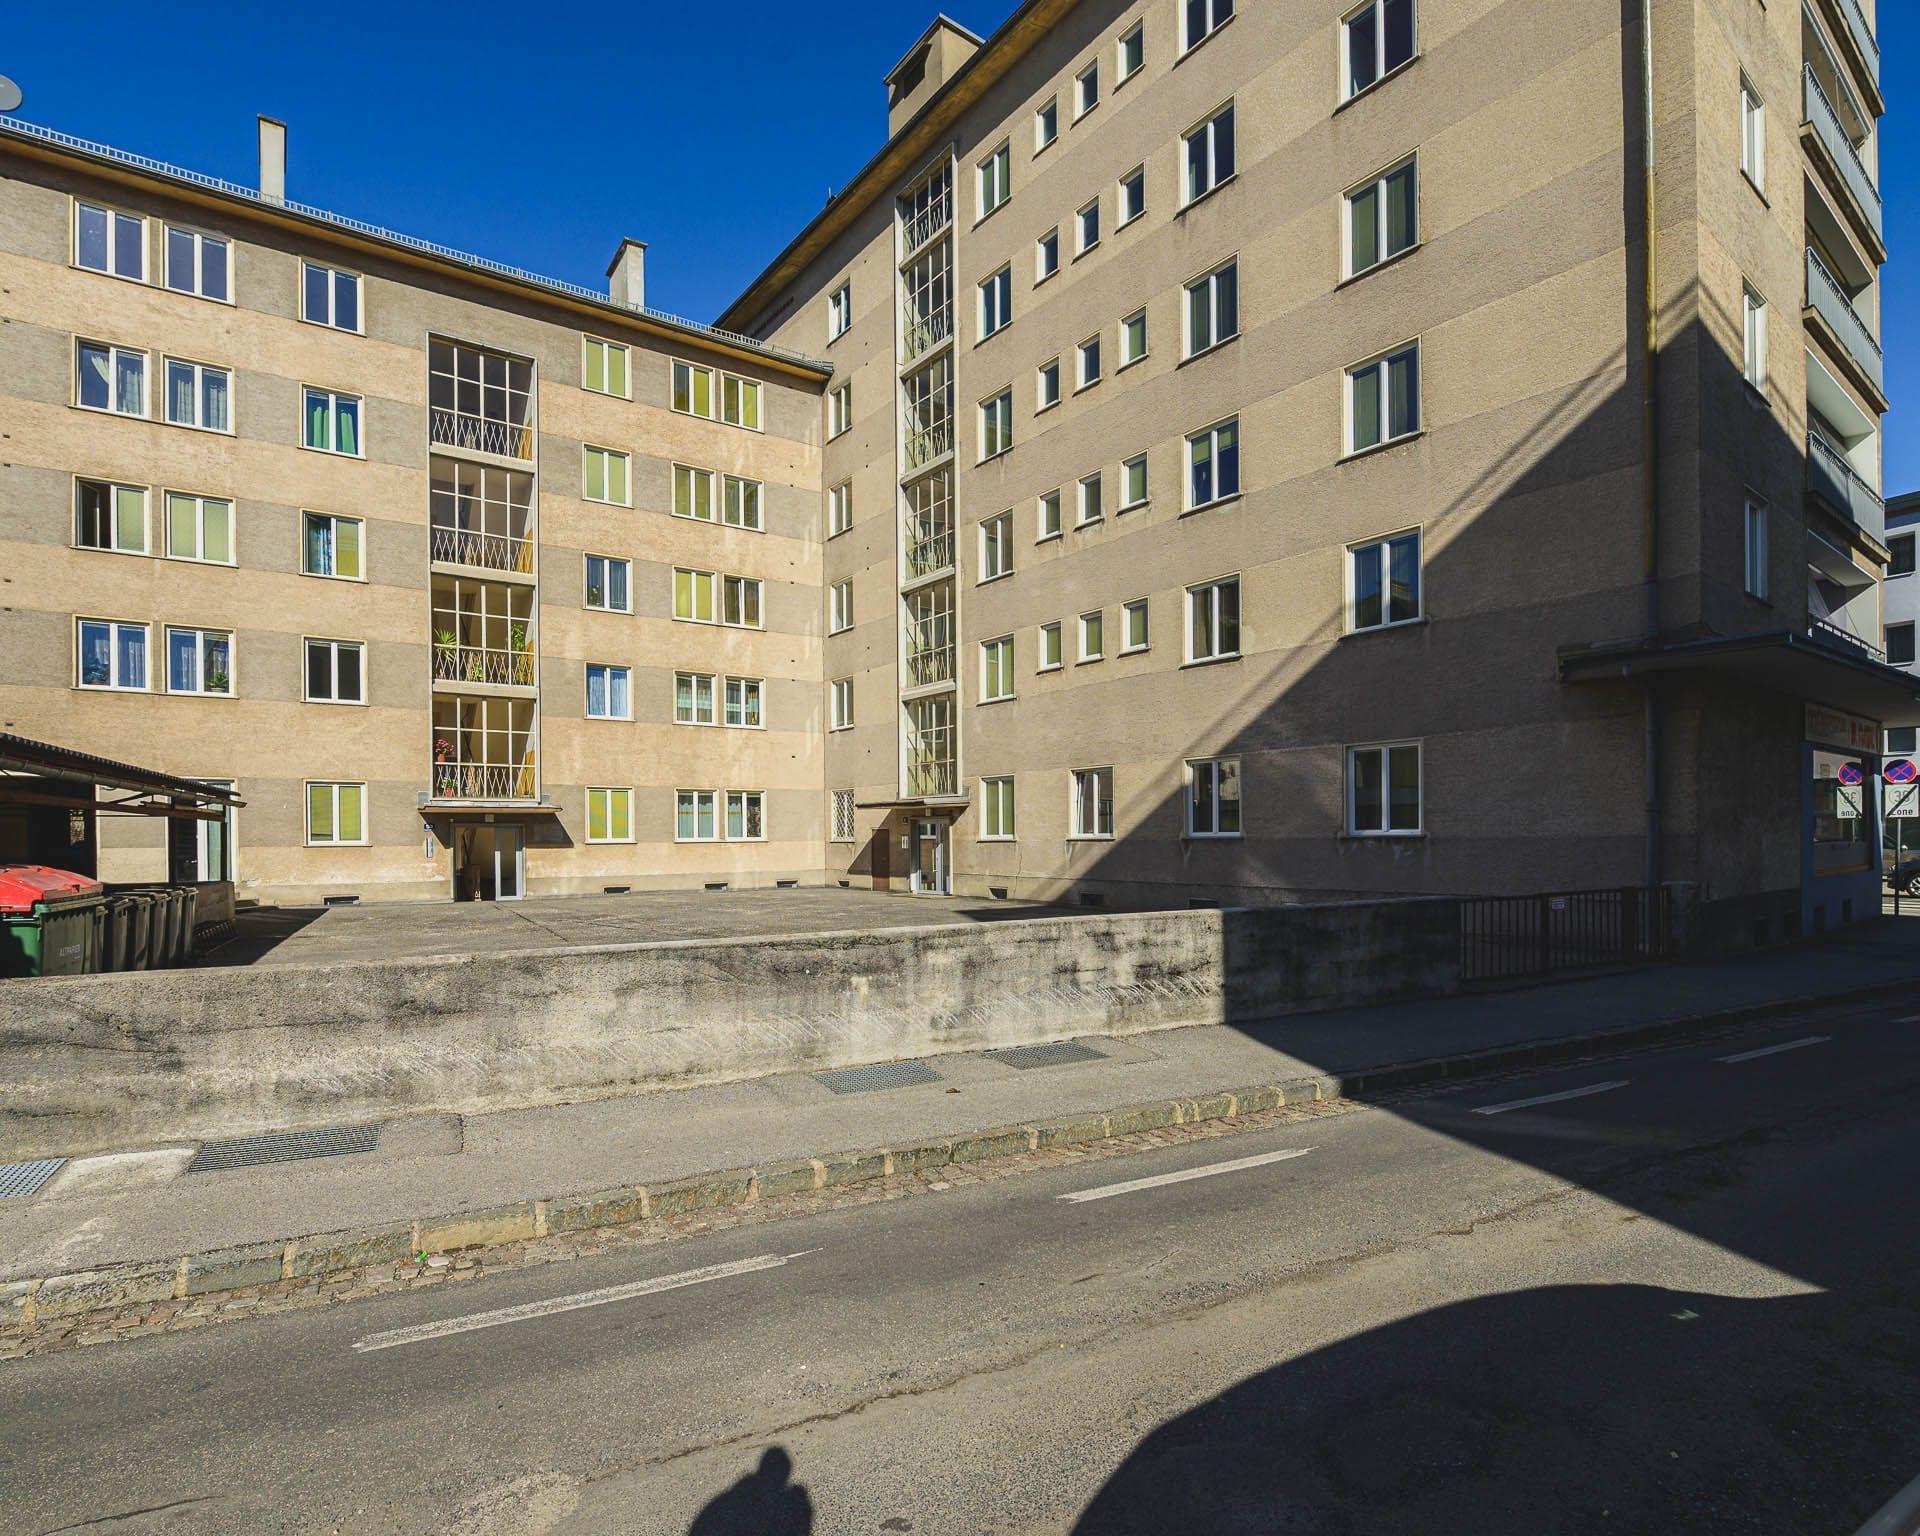 Villach Gaswerkstrasse - Klagenfurter Strasse